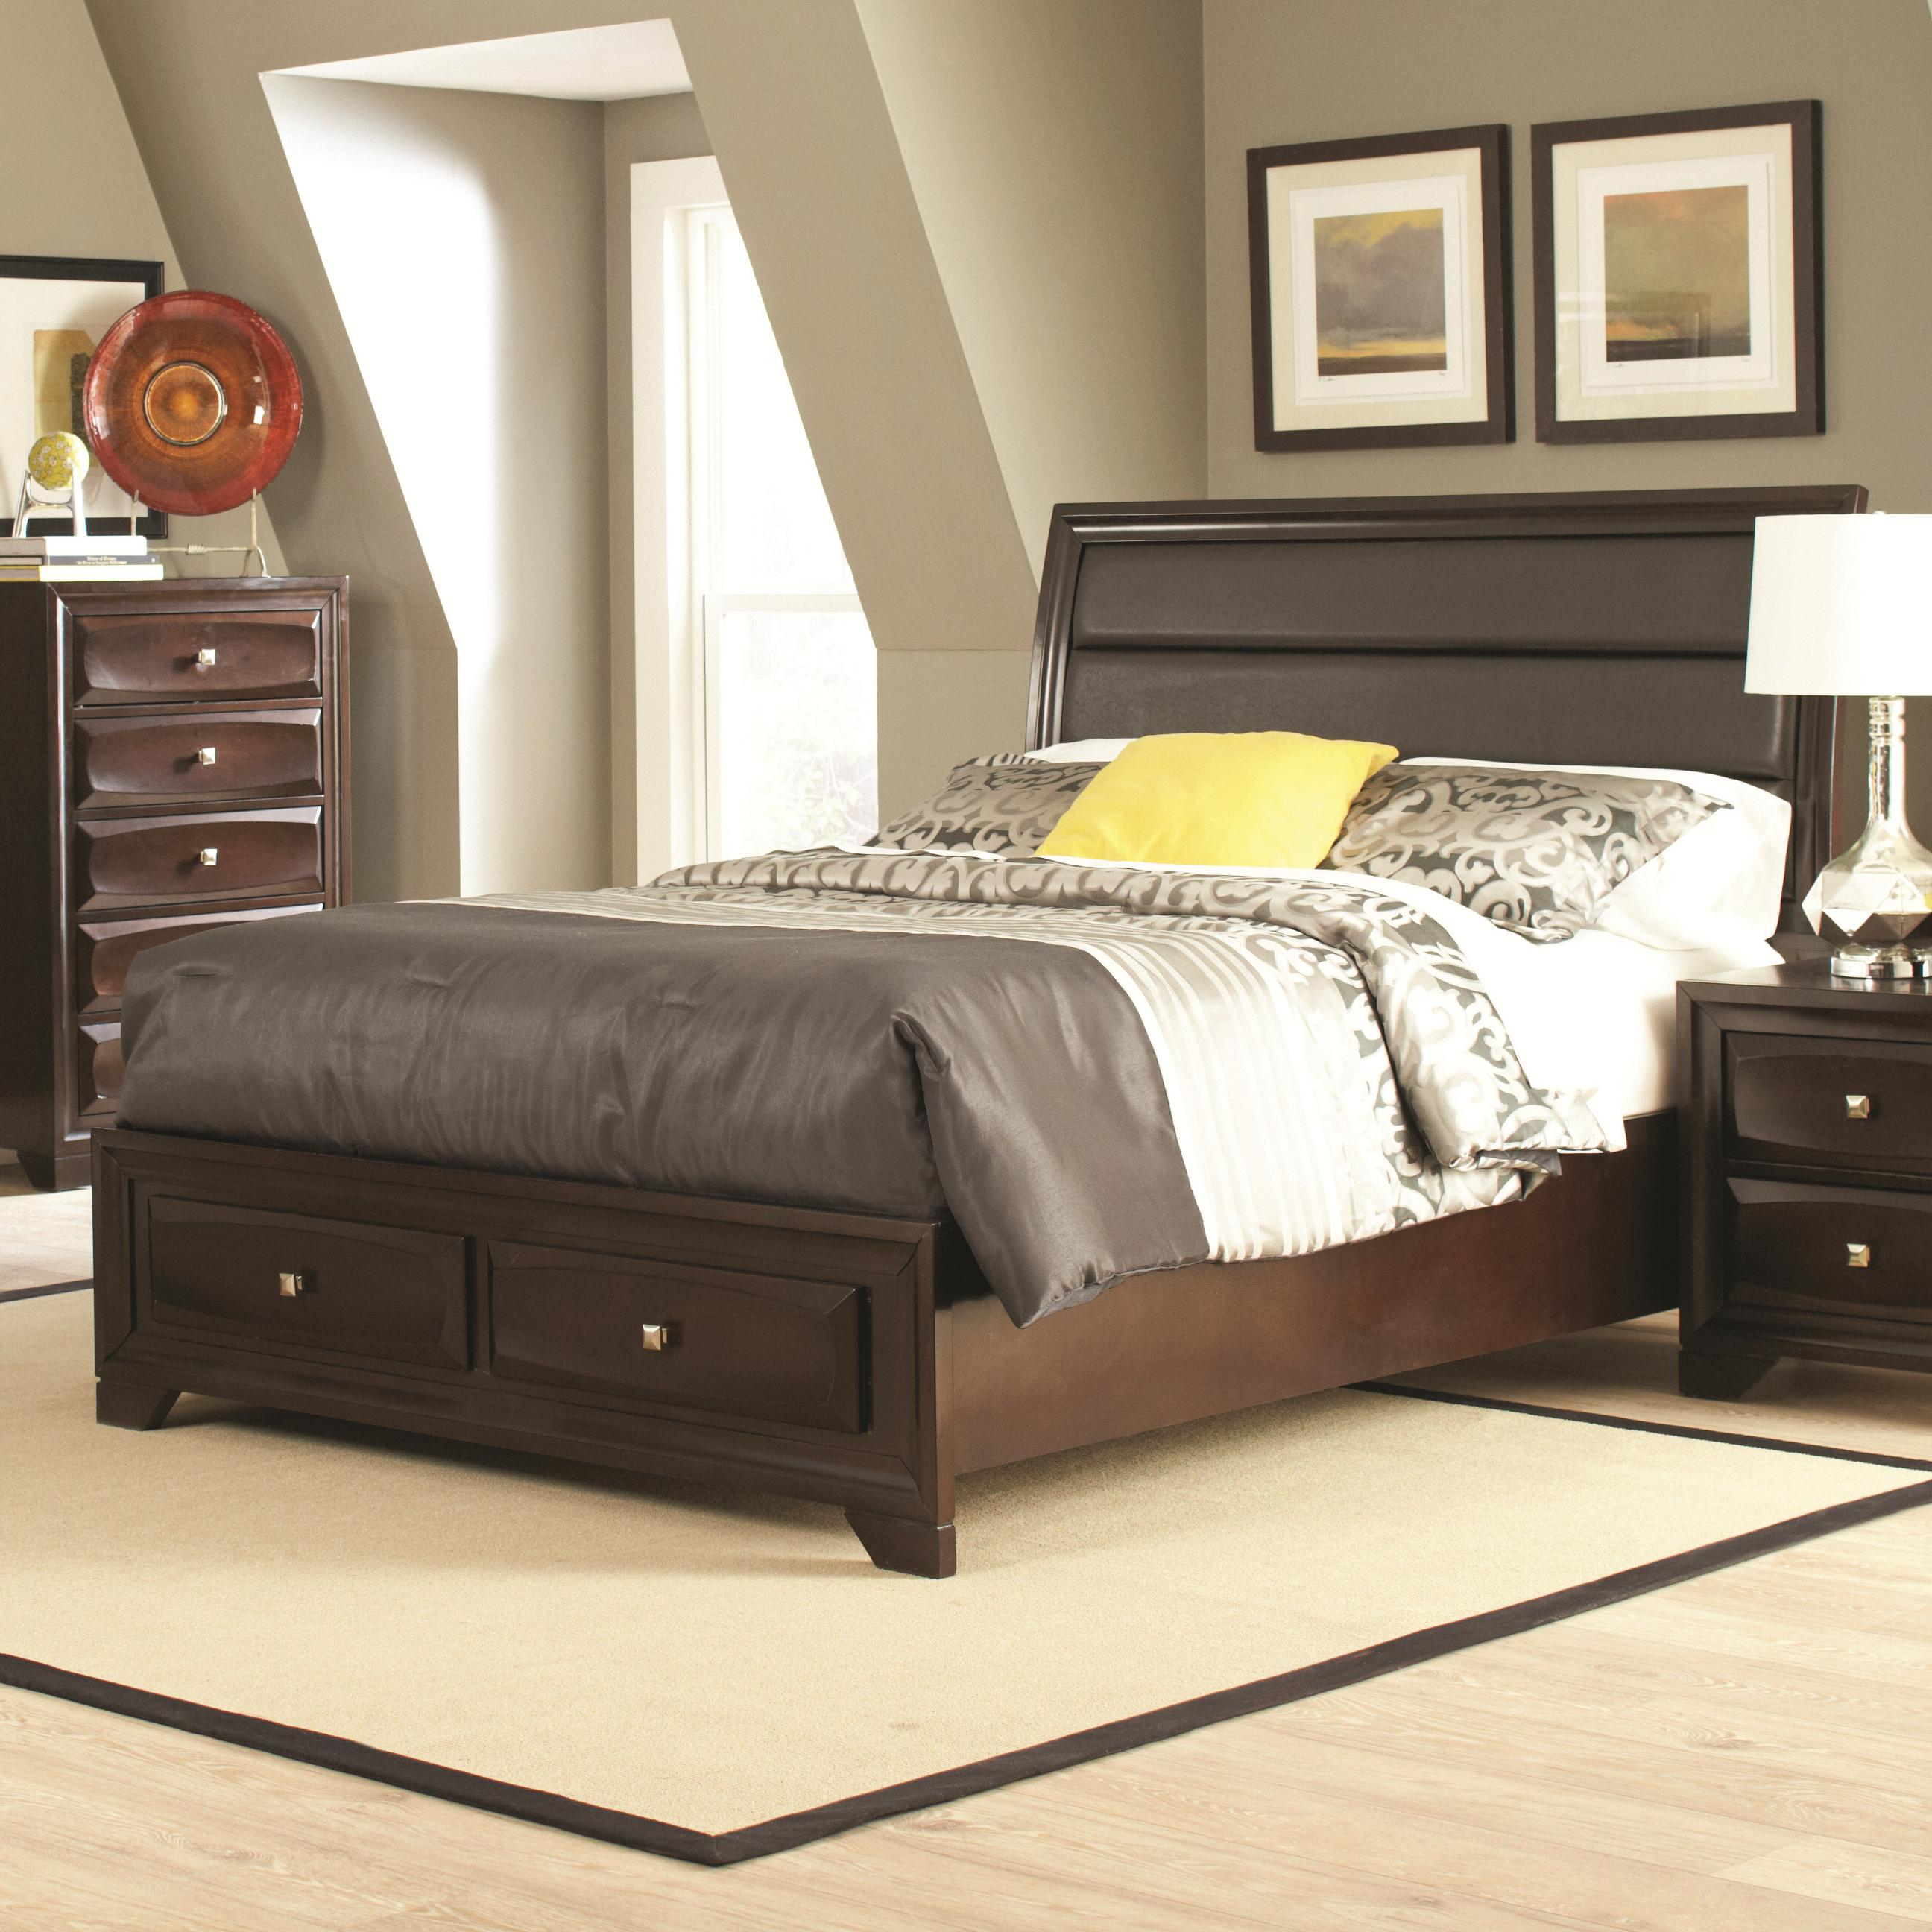 Jaxson Cal King Bed by Coaster at Beck's Furniture